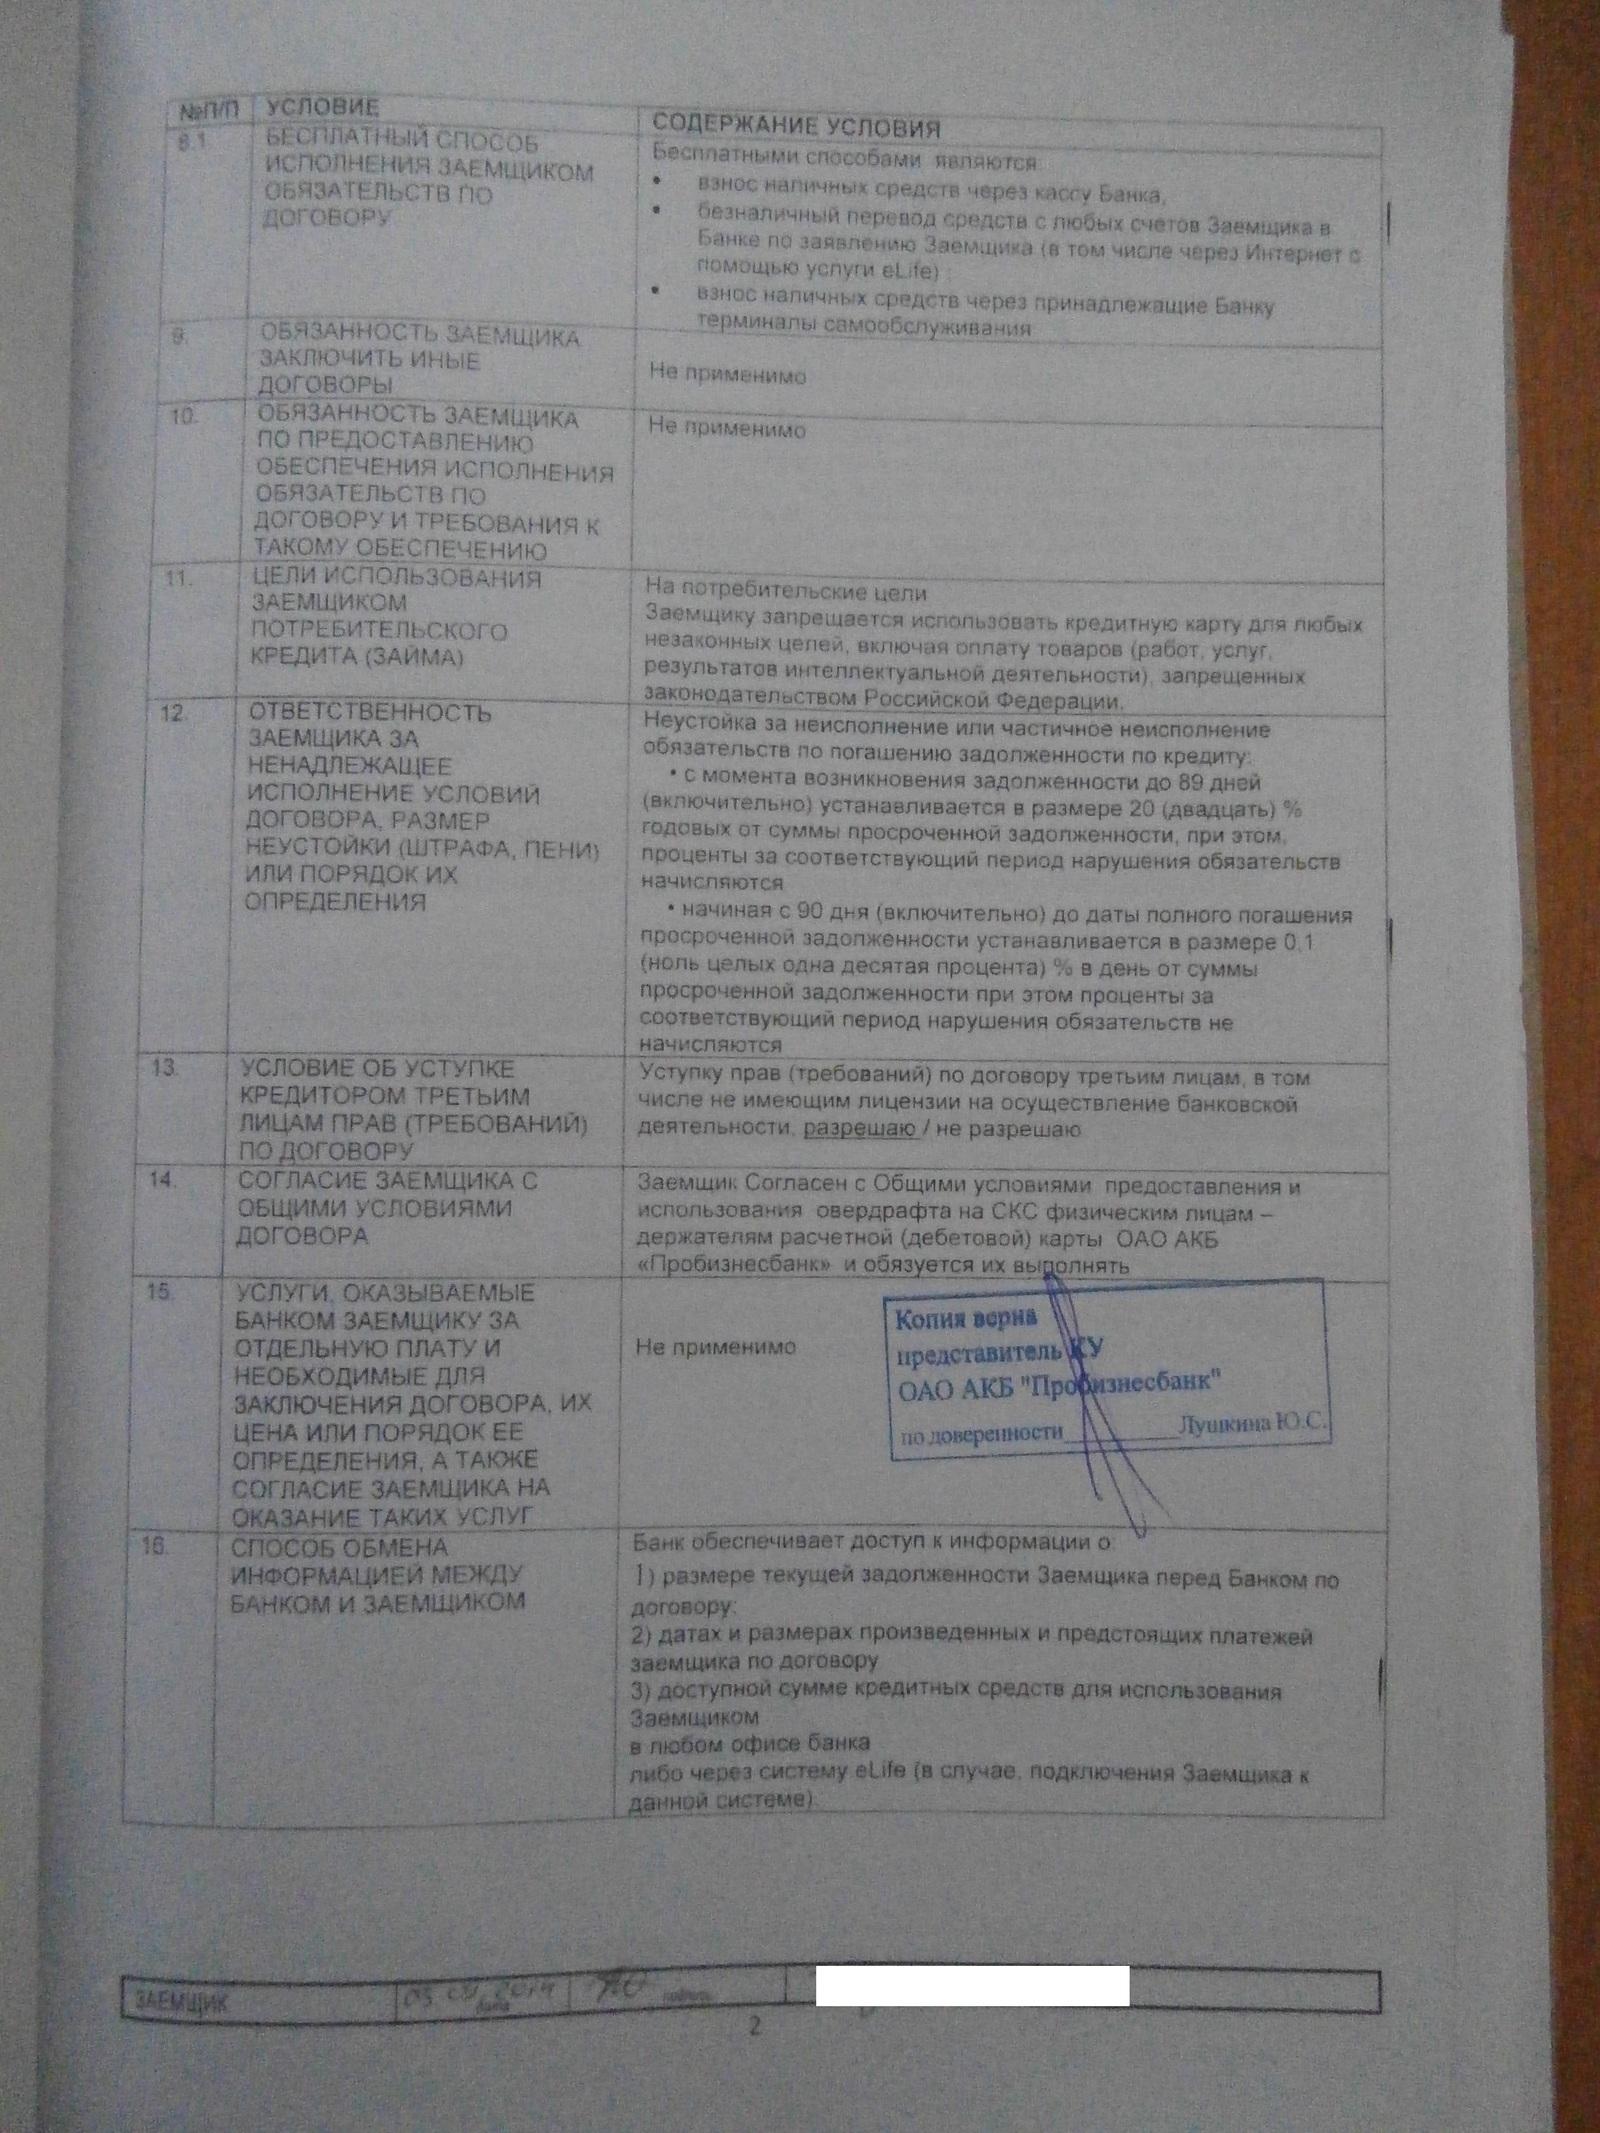 Общие условия Договора потребительского кредита.